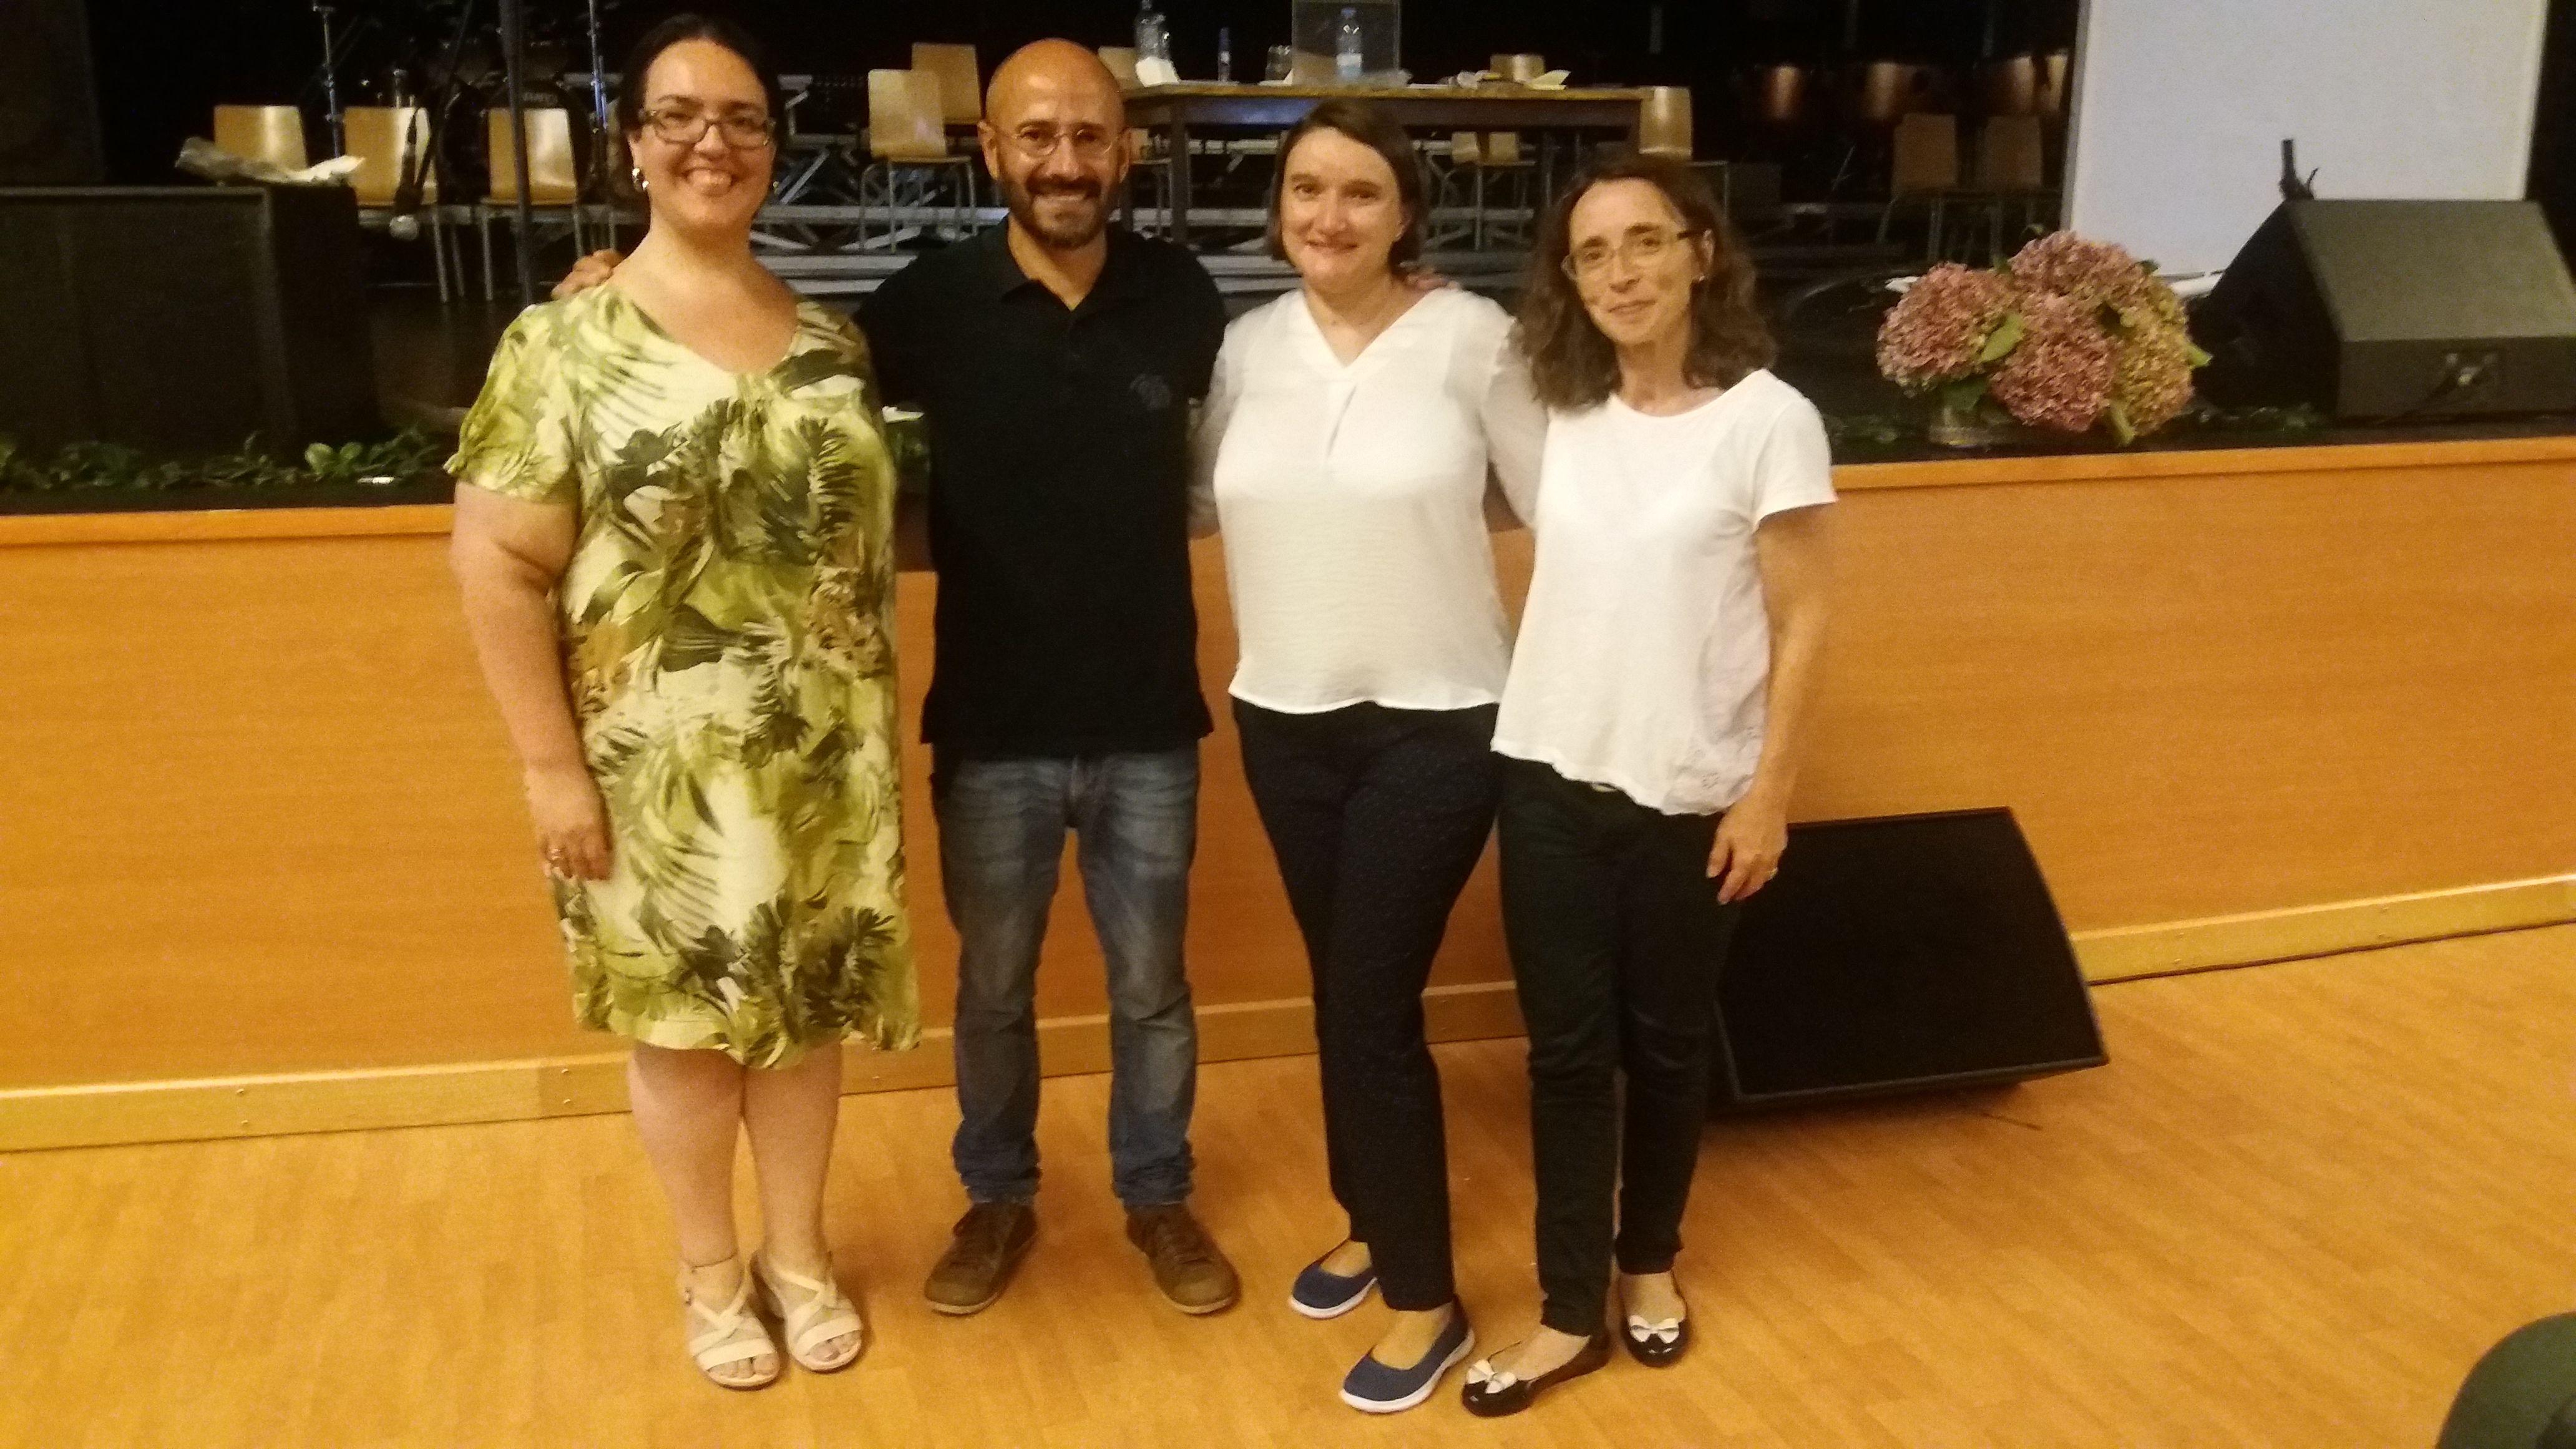 Encontro REDA com o matemático Rogério Martins, no auditório da Escola Secundária Domingos Rebelo, a 29 de setembro de 2017.